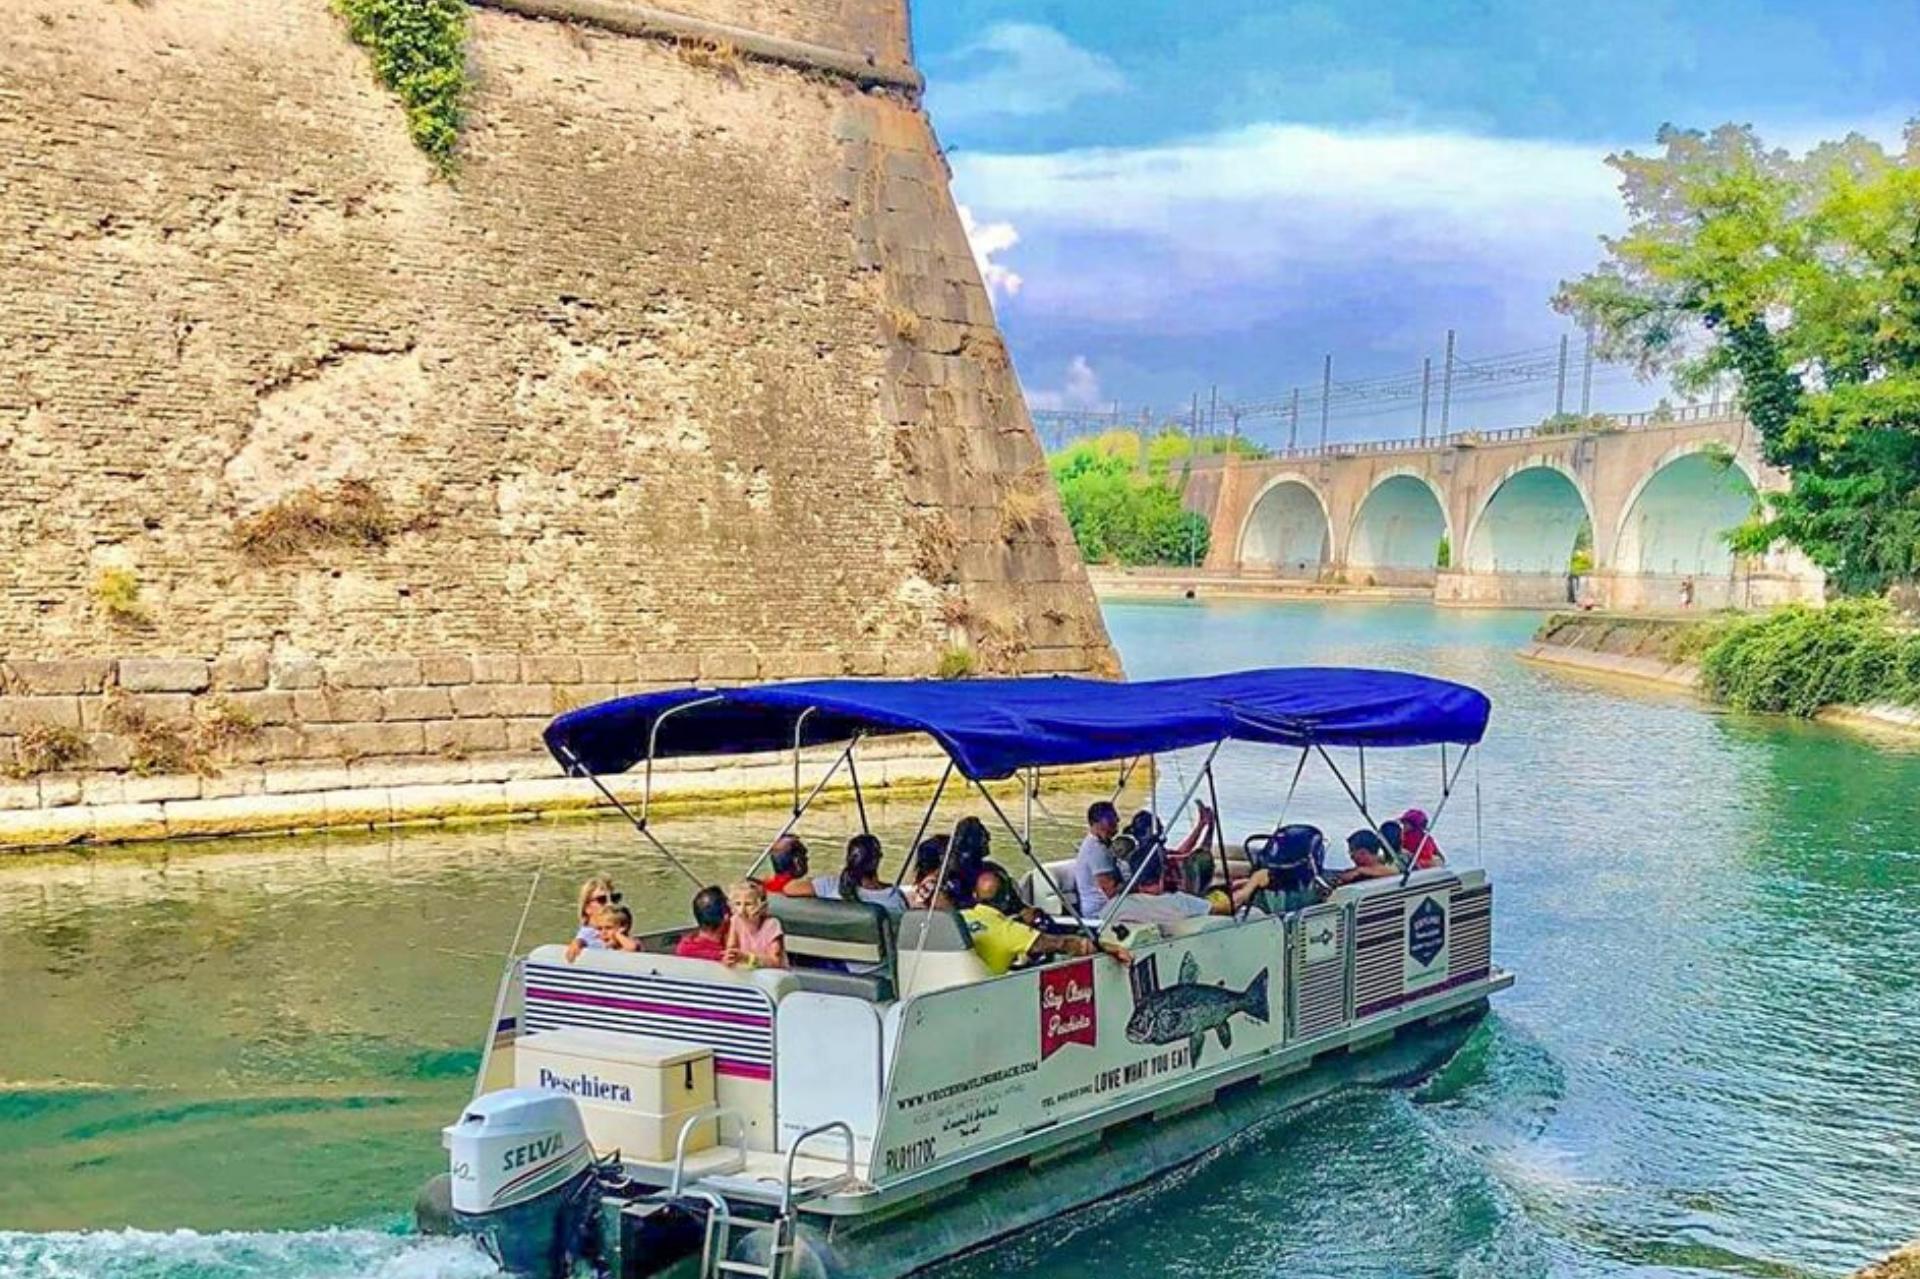 Visita guidata in barca alla fortezza Unesco